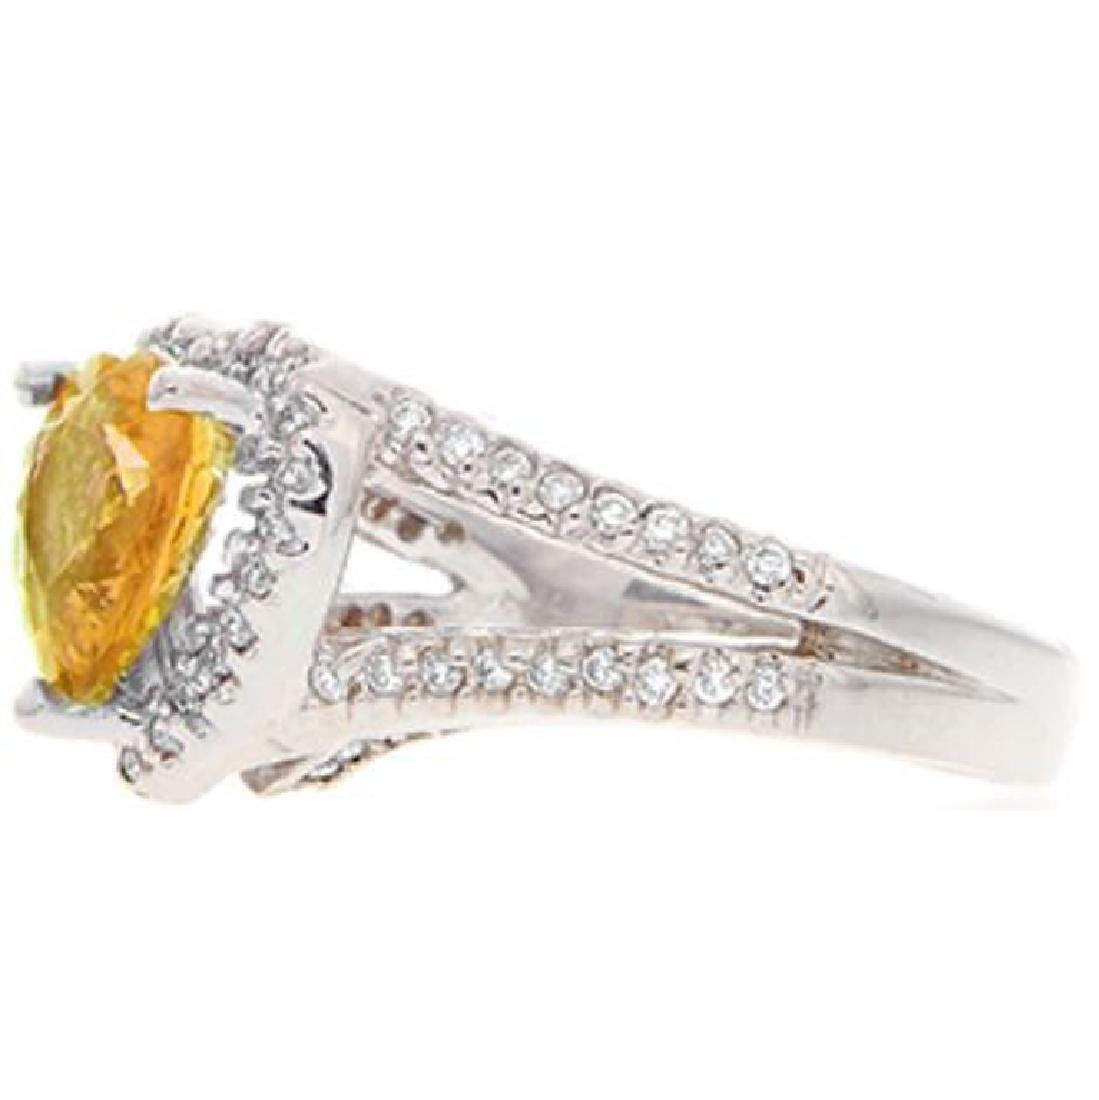 3.23 ct. Yellow Sapphire and Diamond Ring - 3